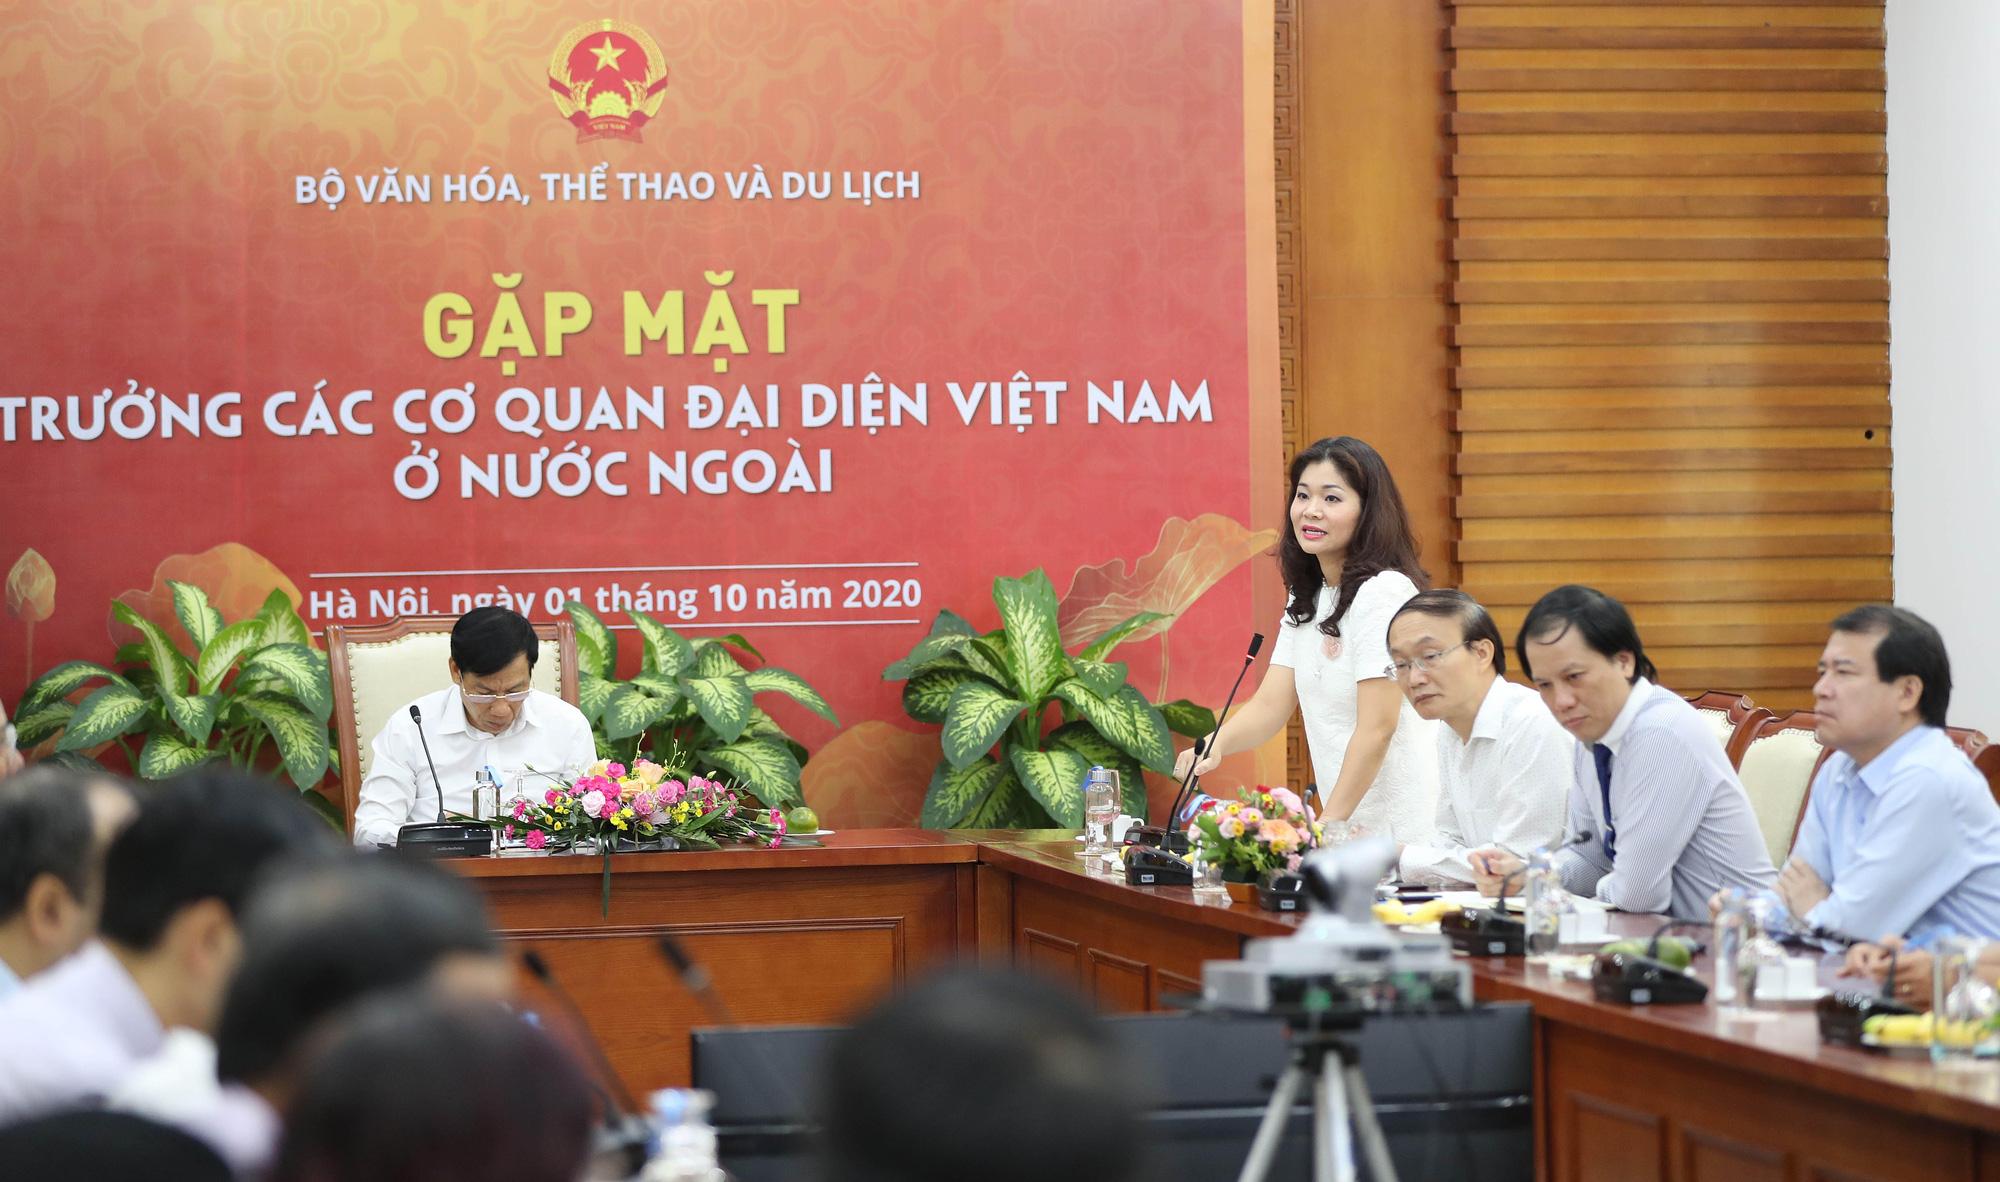 Bộ trưởng Nguyễn Ngọc Thiện gặp mặt Trưởng Cơ quan đại diện Việt Nam ở nước ngoài nhiệm kỳ 2020-2023 - Ảnh 2.